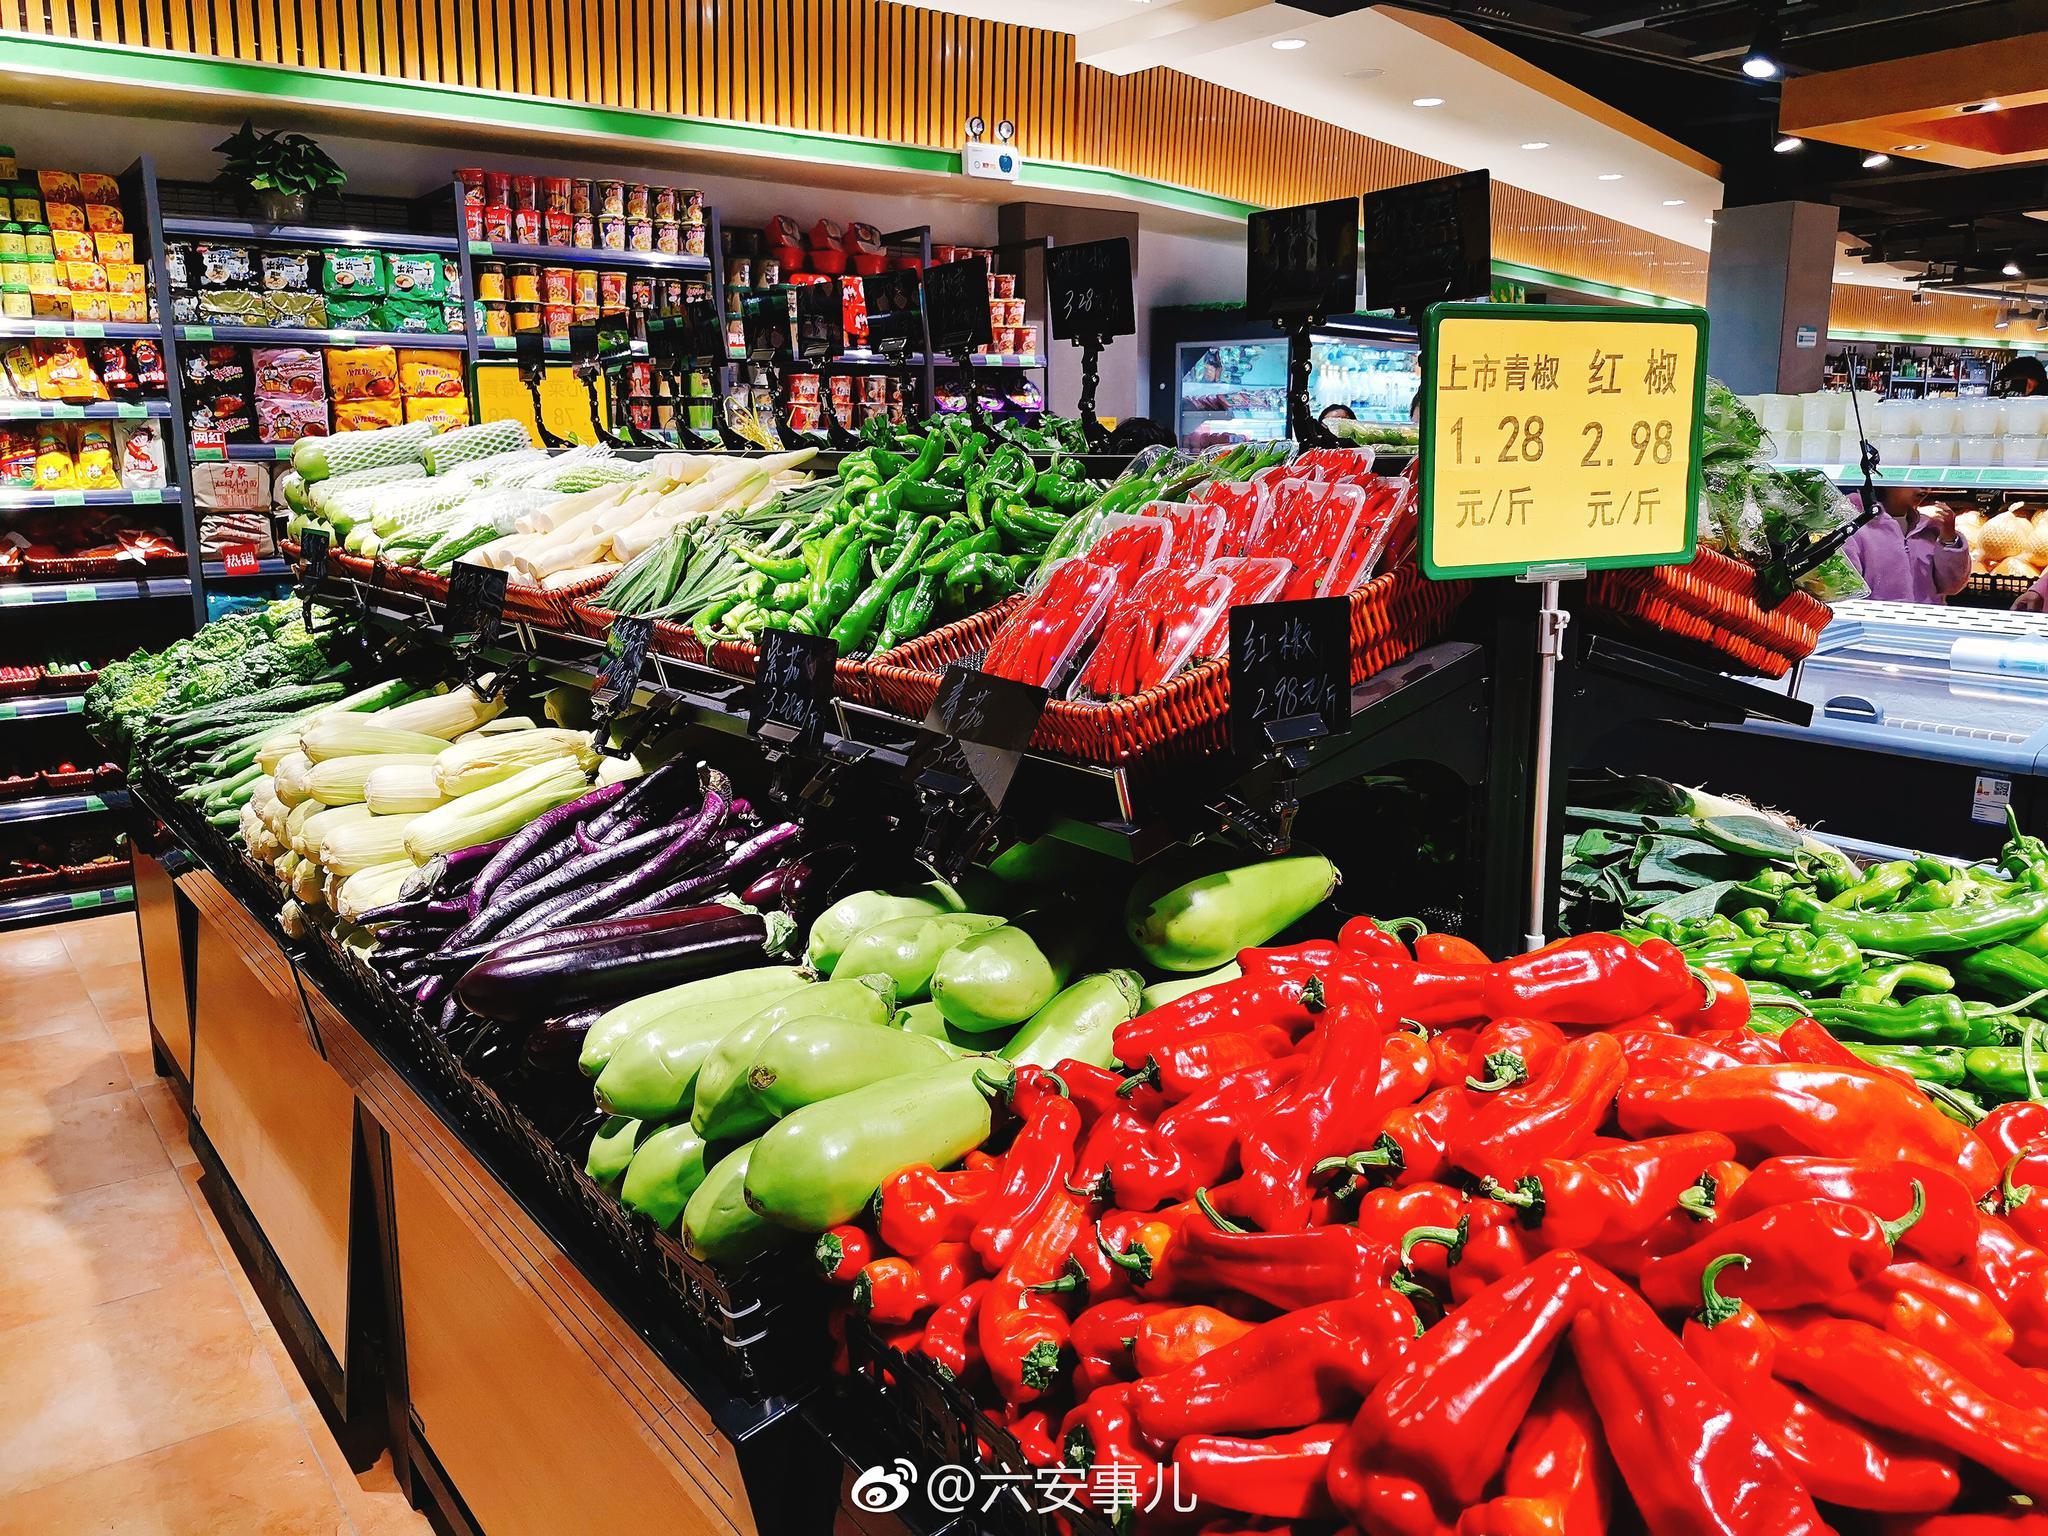 六安某大型連鎖生鮮超市壽春店今日開業啦